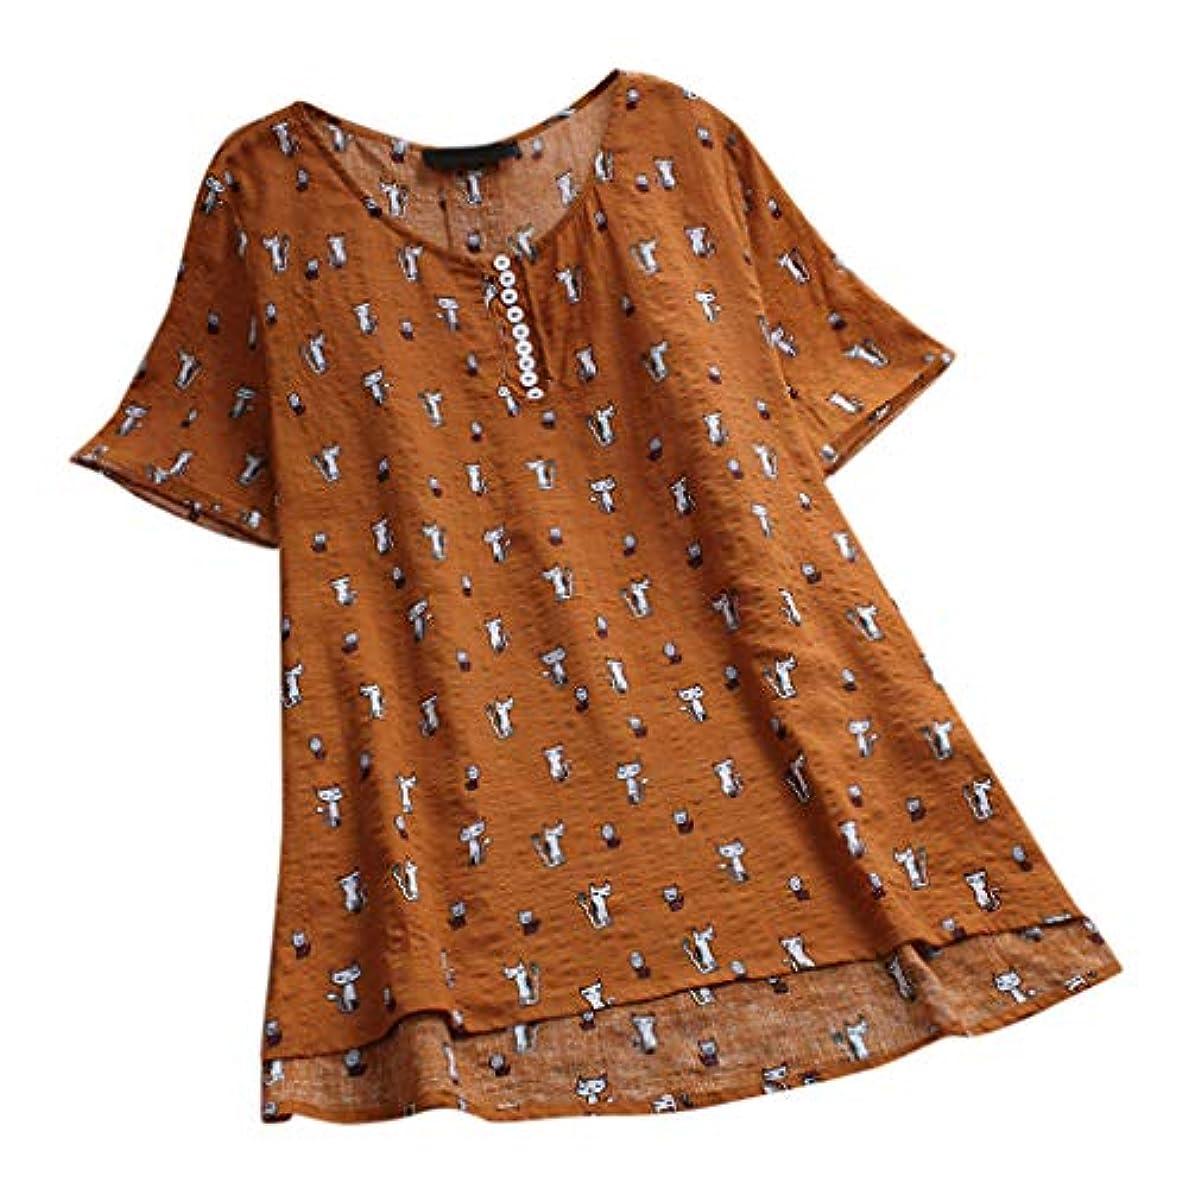 くちばし風邪をひくコールレディース tシャツ プラスサイズ 半袖 丸首 猫プリント ボタン ビンテージ チュニック トップス 短いドレス ブラウス 人気 夏服 快適な 軽い 柔らかい かっこいい ワイシャツ カジュアル シンプル オシャレ 春夏秋 対応